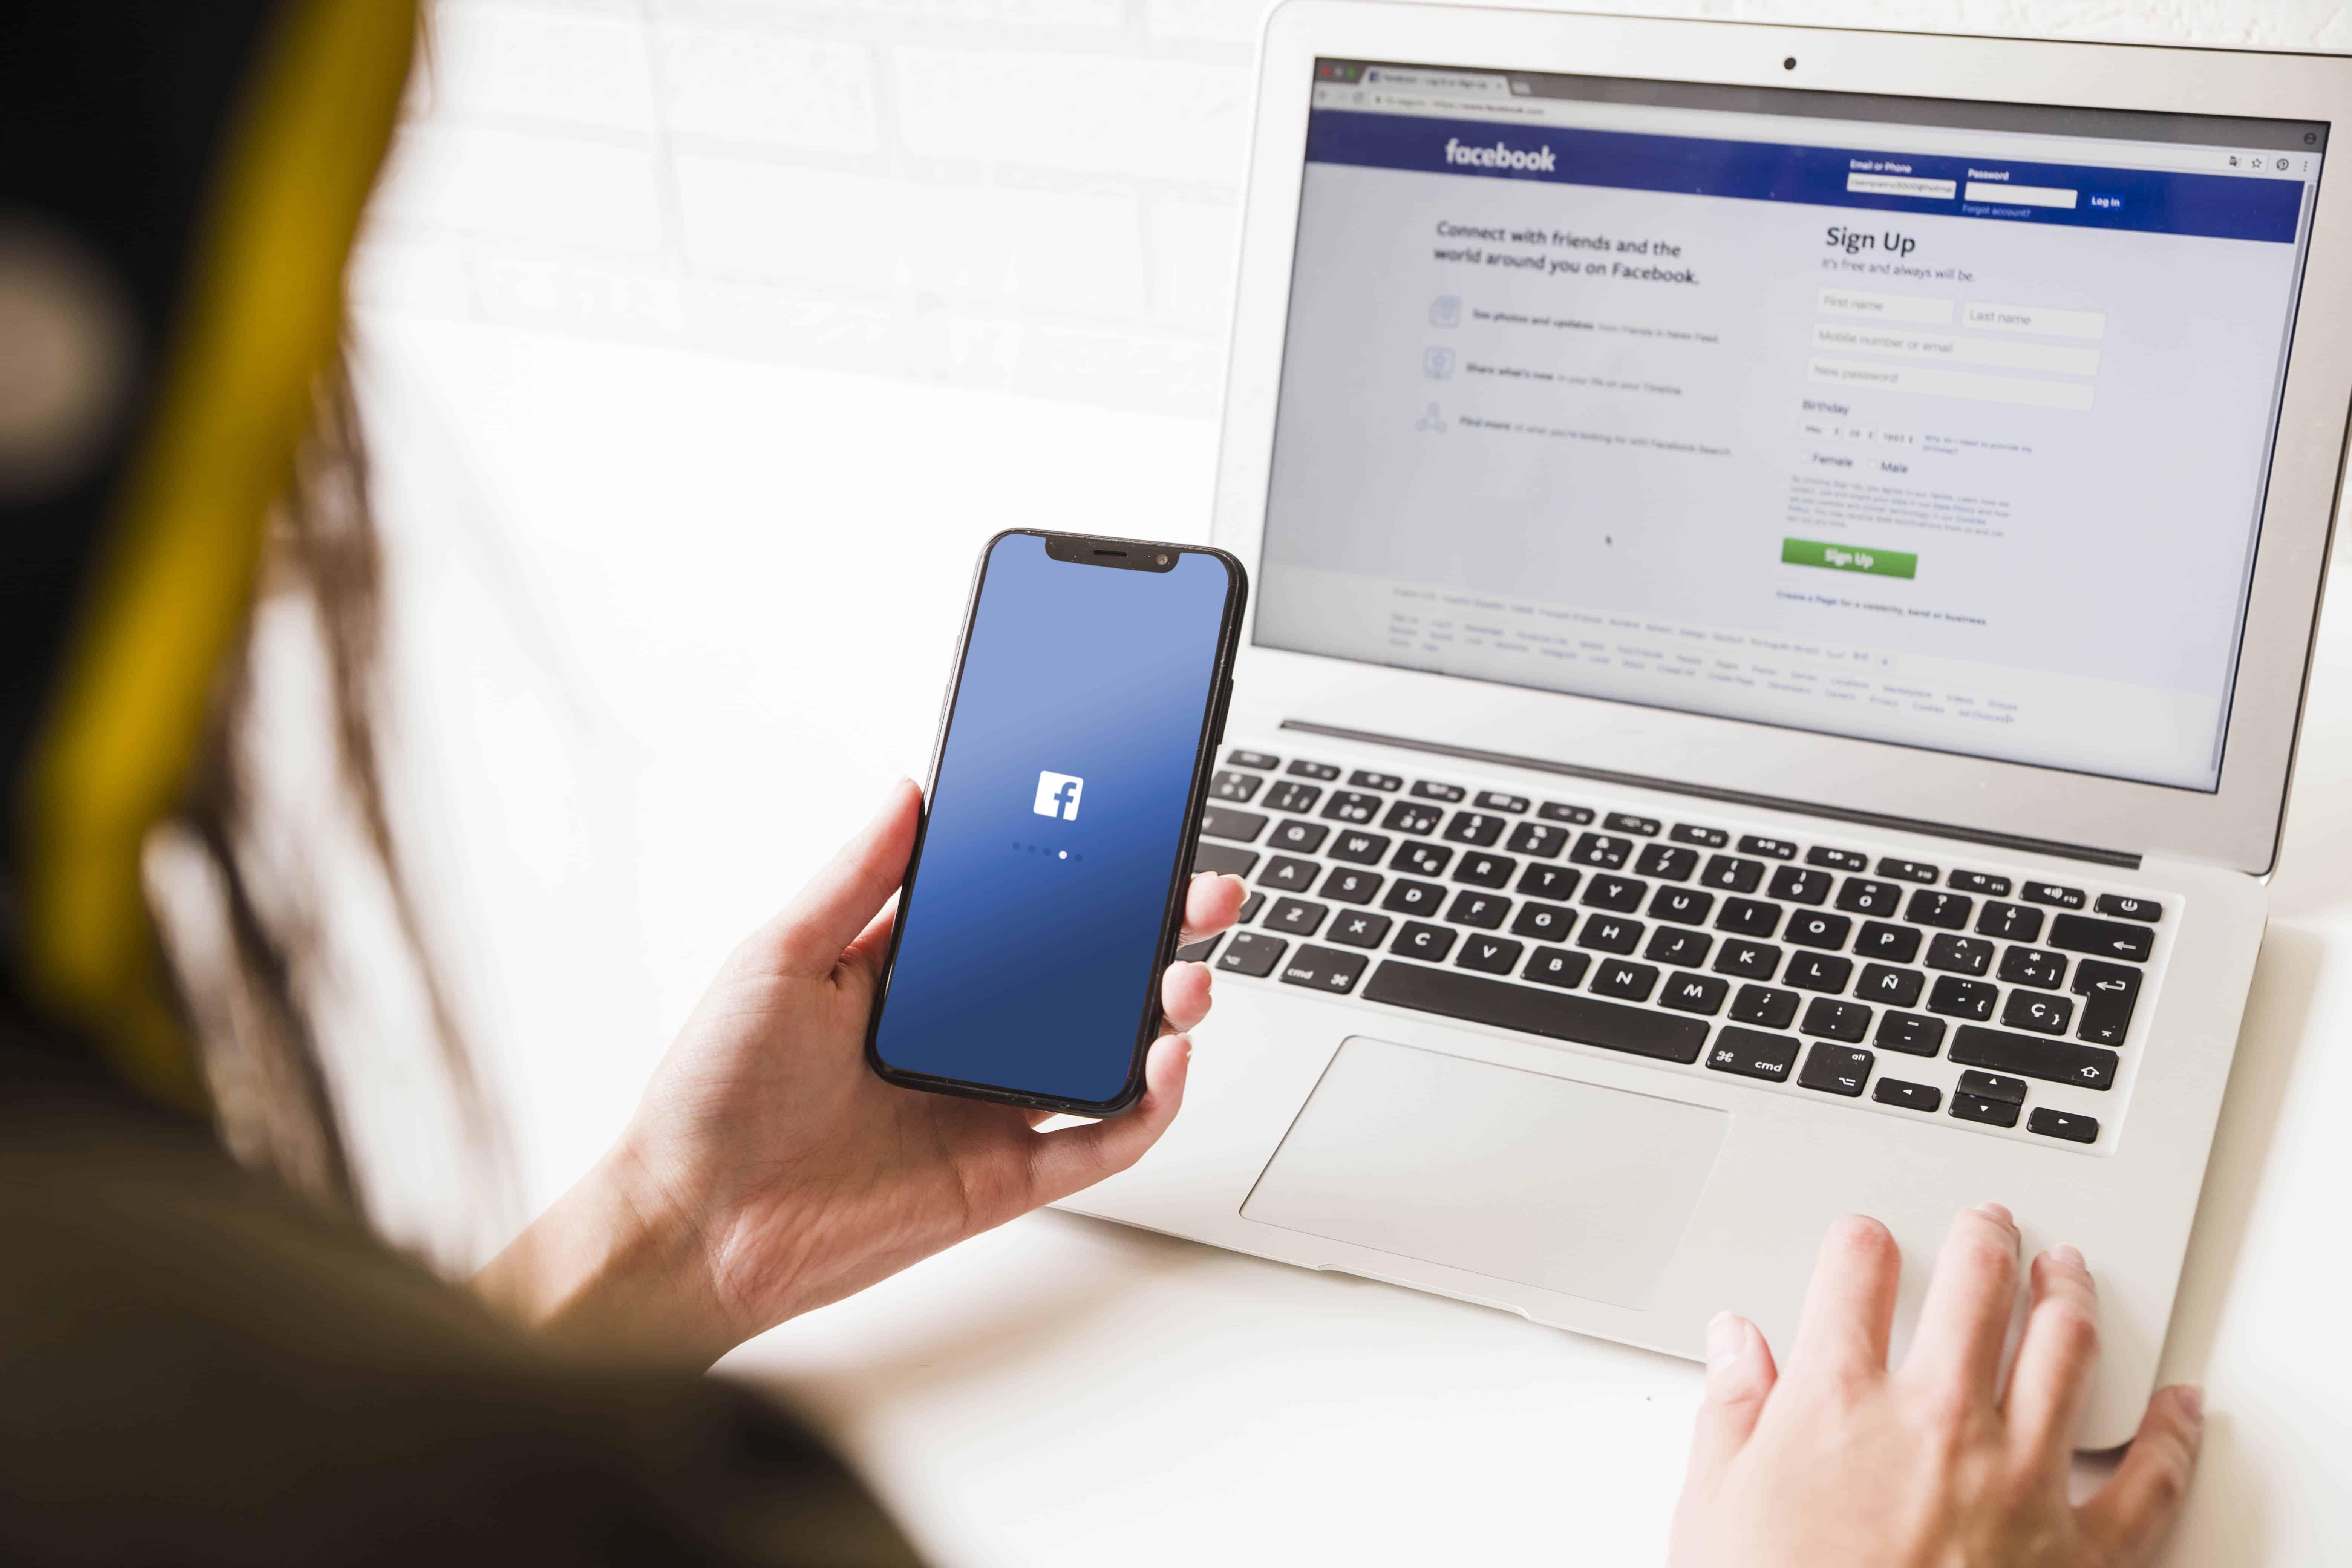 Jeune femme utilisant un smartphone pour se connecter sur Facebook.